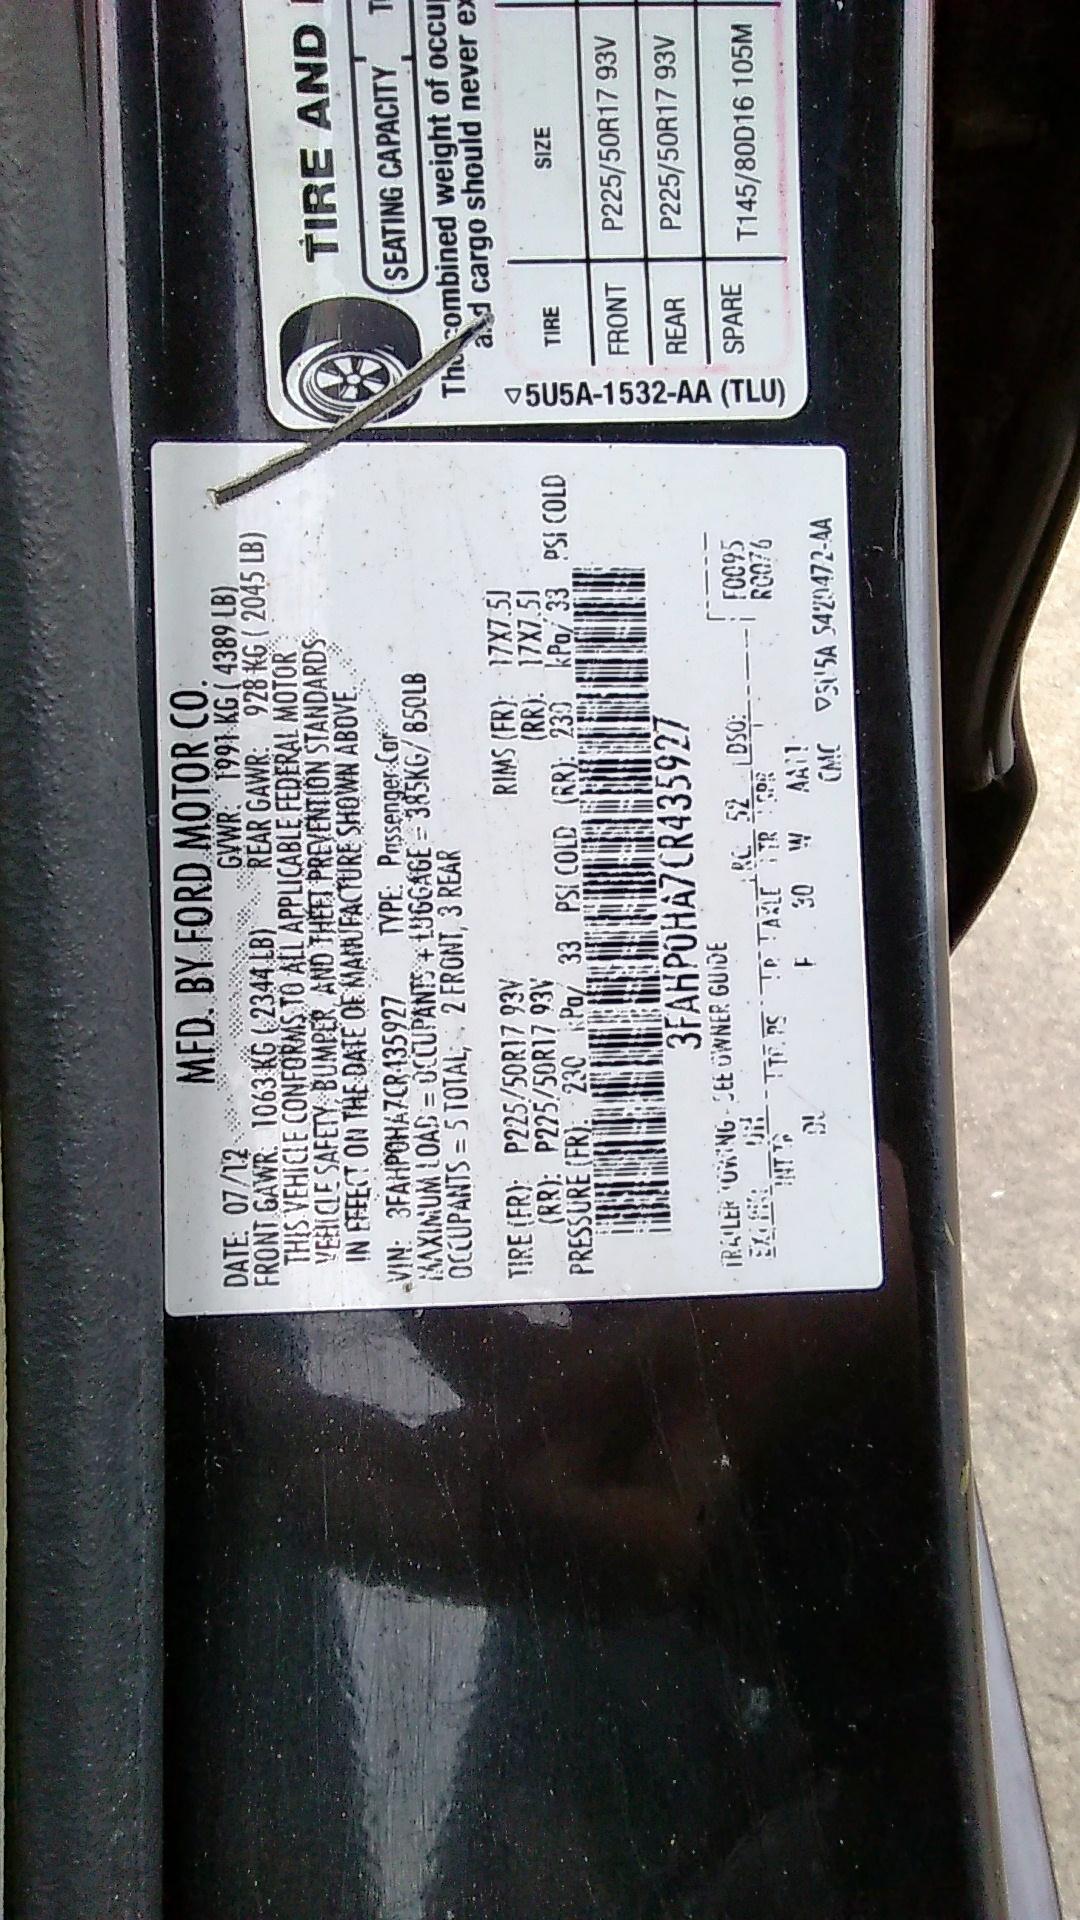 3FAHP0HA7CR435927 - 2012 Ford Fusion Se 2.5L